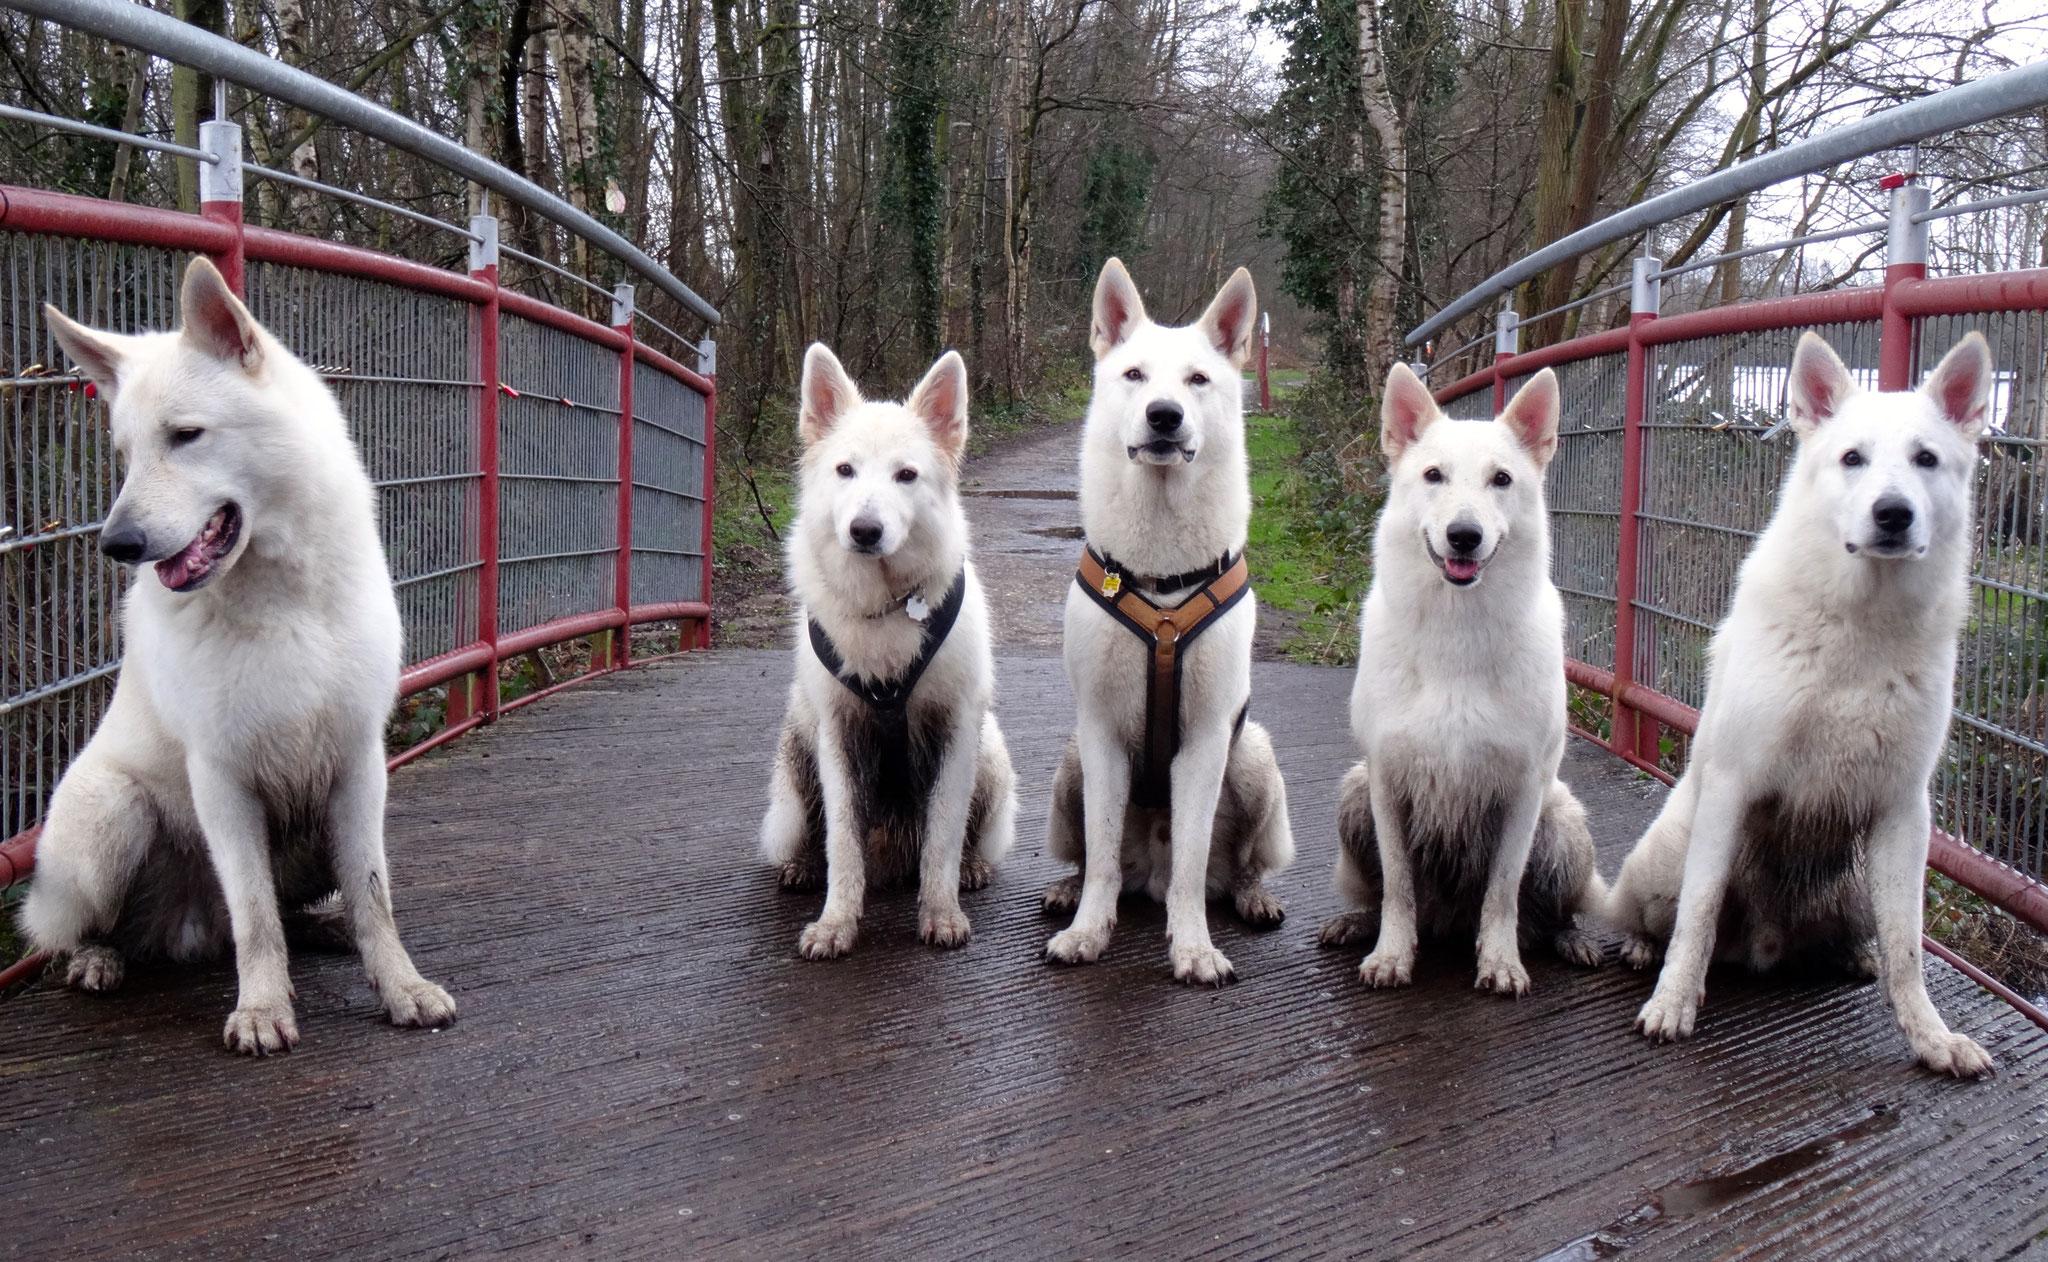 Abschlussbild auf der Brücke: Flaco - Chester - Buddy - Milka - Nikan